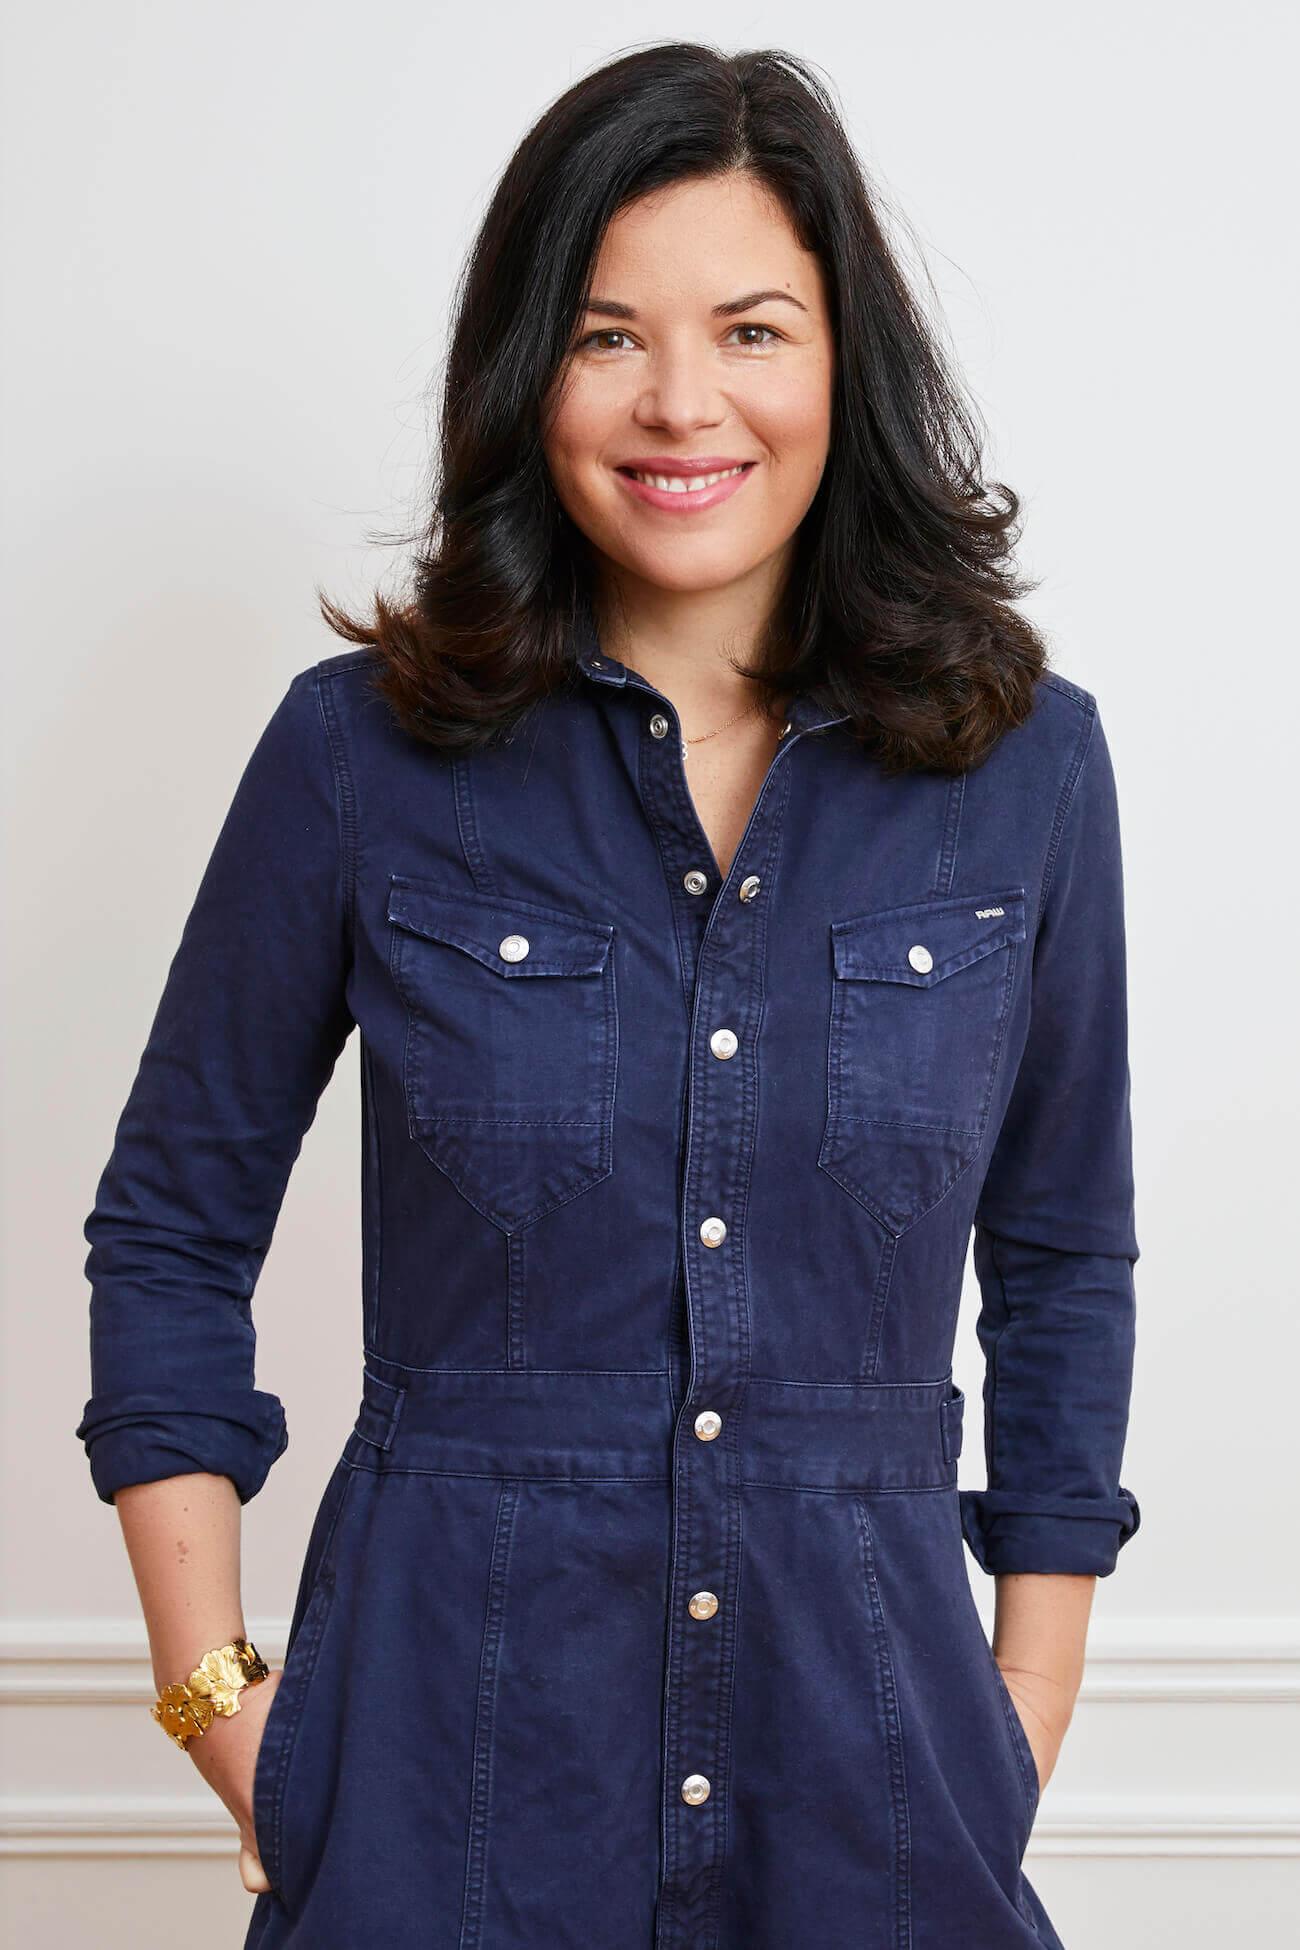 Portrait de Elise Fabing - Cofondatrice de Alkemist Avocats